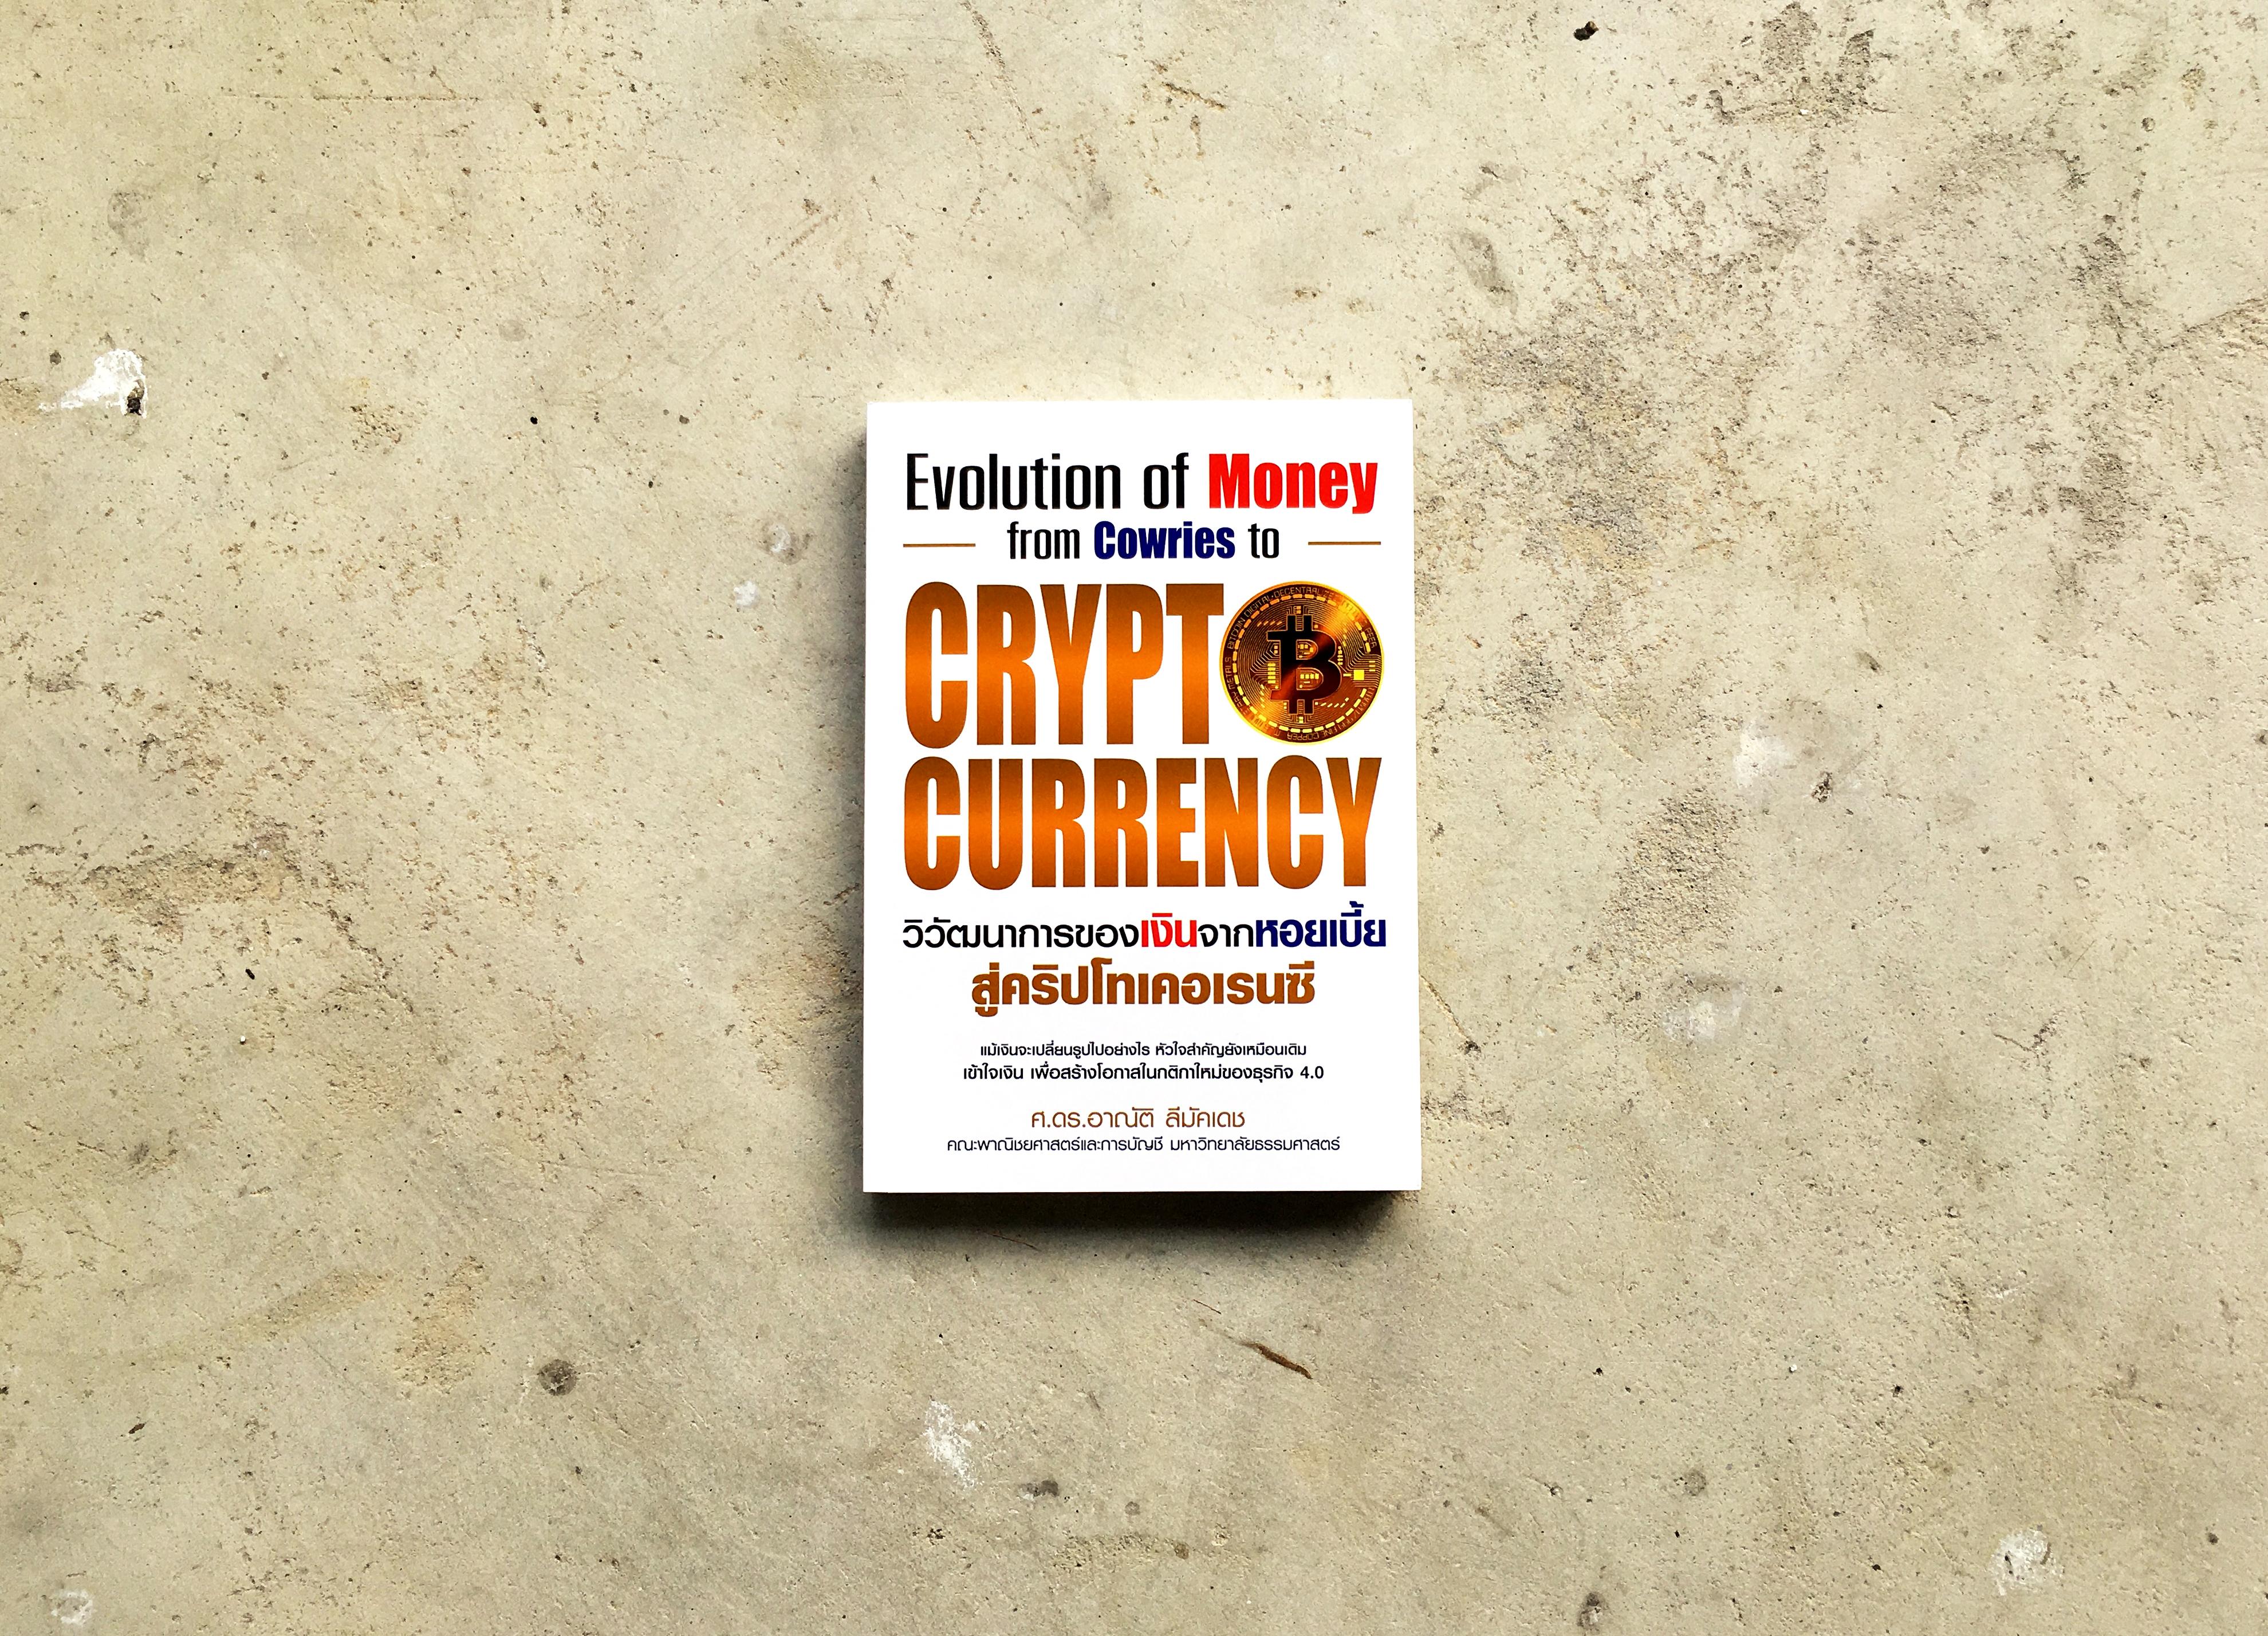 สรุปหนังสือ Evolution of Money from Cowries to Crypto Currency วิวัฒนาการของเงินจากหอยเบี้ยสู่คริปโทเคอเรนซี